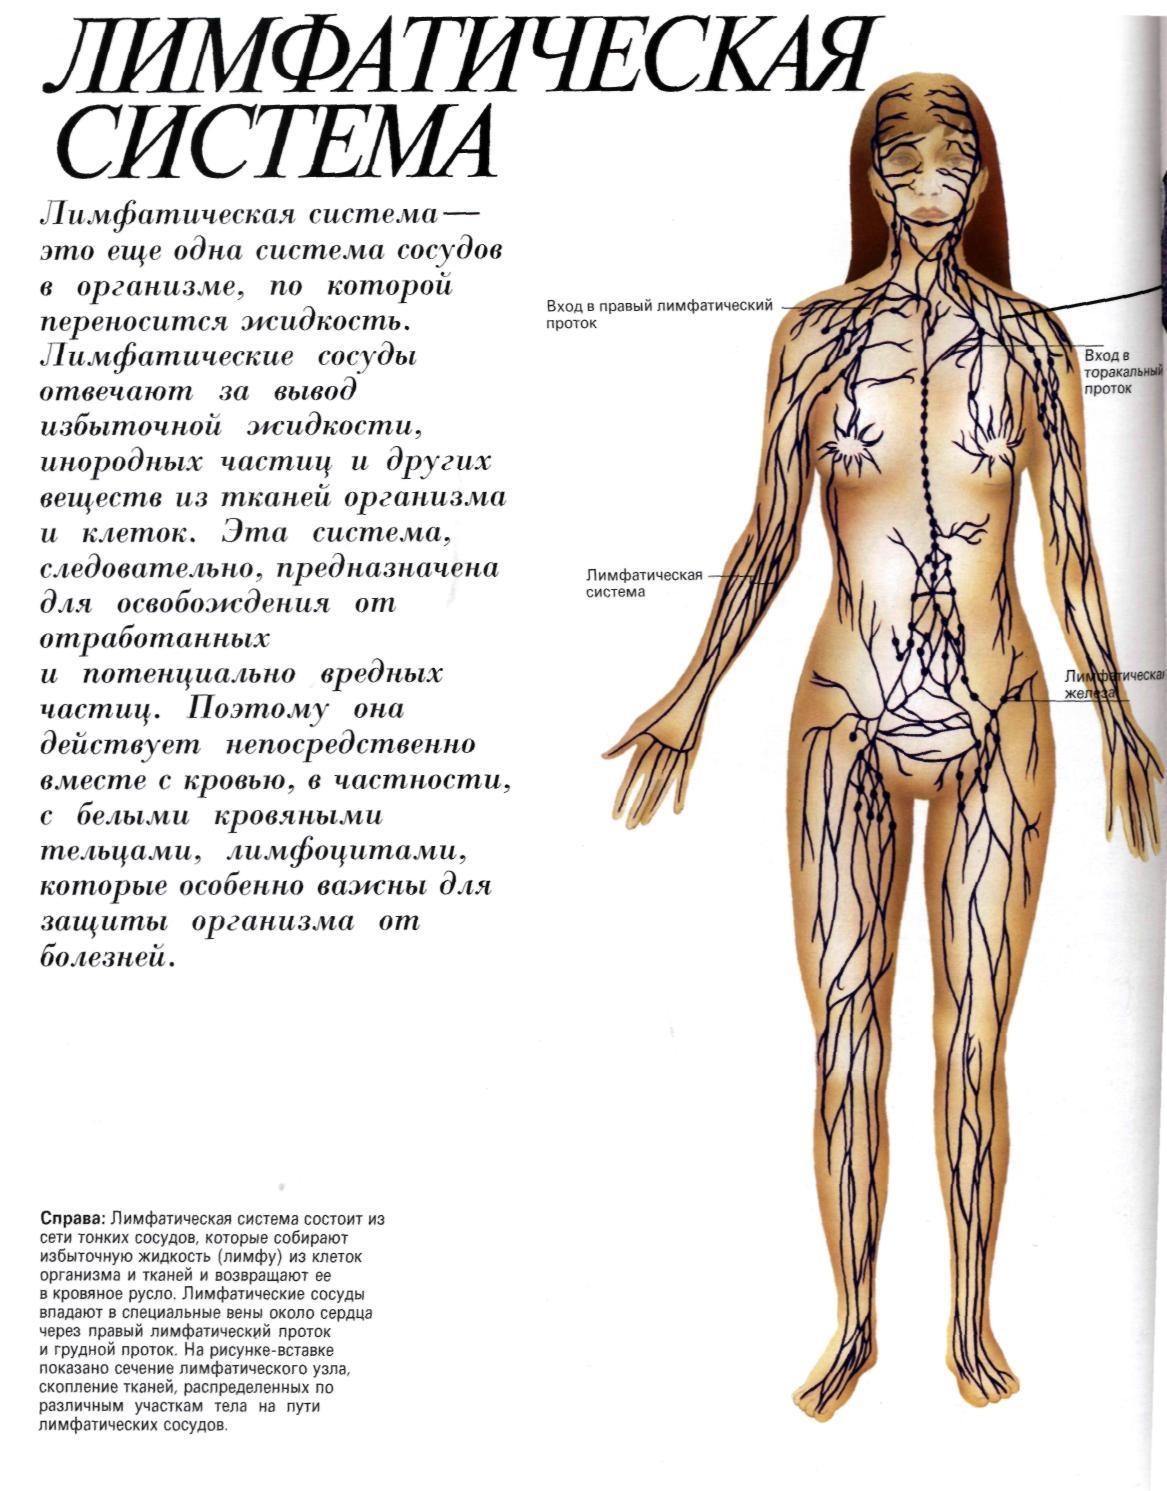 Лимфатические сосуды: строение, функции и расположение